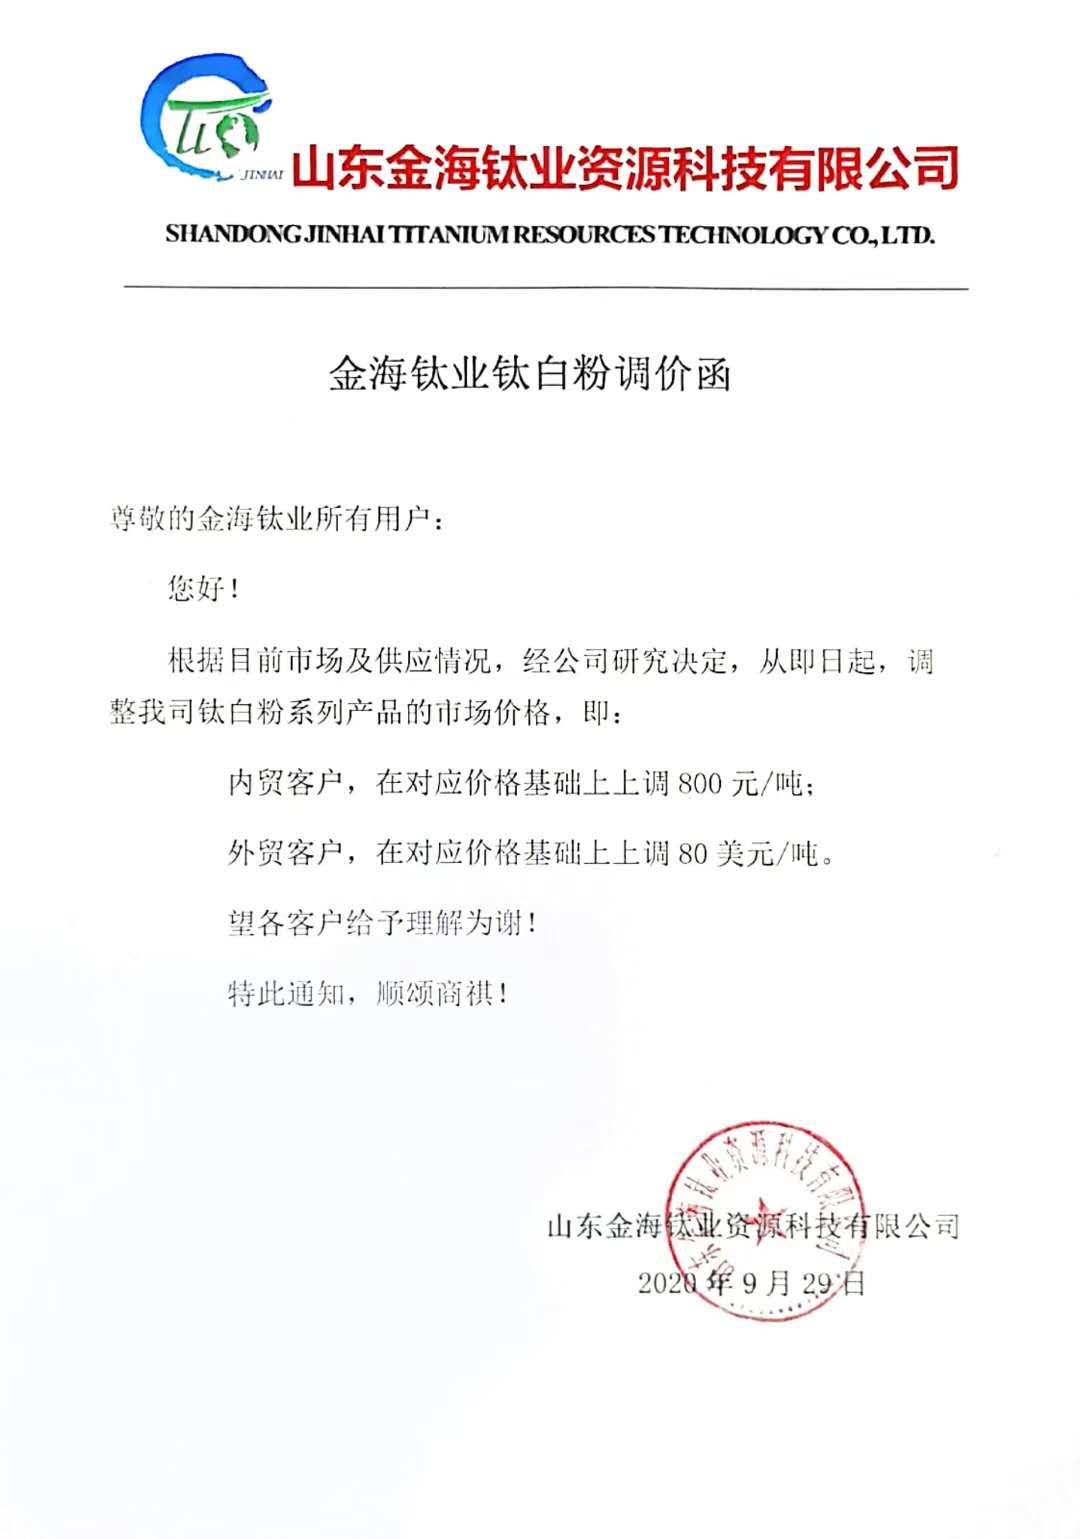 生意社:金海钛业宣布上调钛白粉价格